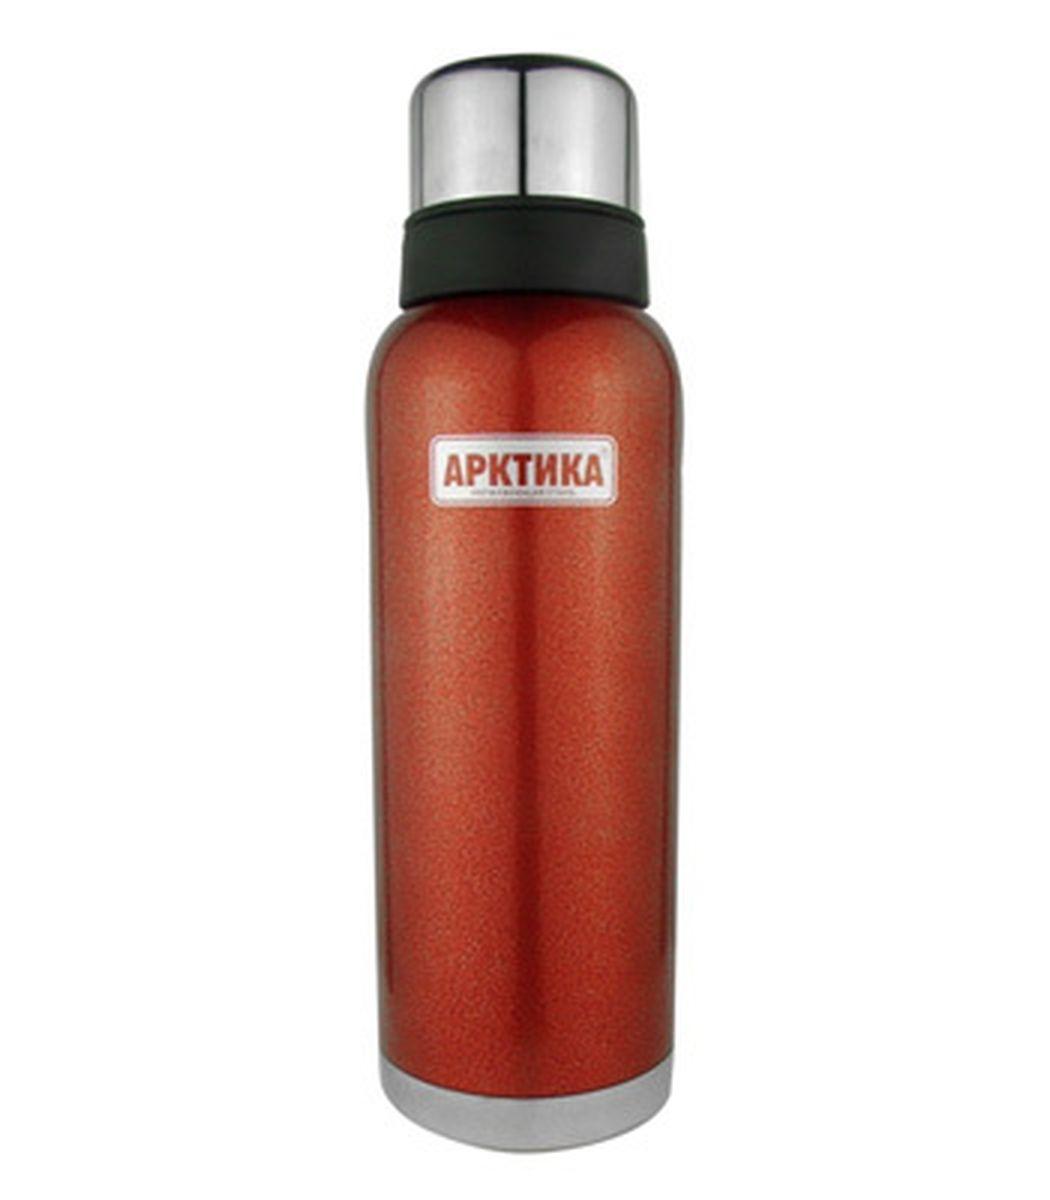 Термос Арктика, с чашей, цвет: красный, стальной, черный, 1,2 л106-1200_красный, стальной, черныйТермос Арктика изготовлен из высококачественной нержавеющей стали с матовой полировкой. Двойная колба из нержавеющей стали сохраняет напитки горячими и холодными до 32 часов. В комплекте дополнительная пластиковая чашка. Удобный, компактный и практичный термос пригодится в путешествии, походе и поездке. Не рекомендуется использовать в микроволновой печи и мыть в посудомоечной машине. Диаметр горлышка: 4,5 см. Диаметр основания термоса: 9 см. Диаметр чаши (по верхнему краю): 7,5 см. высота чаши: 6 см. Диаметр крышки (по верхнему краю): 7 см. Высота крышки: 4,5 см. Высота термоса: 31 см. Время сохранения температуры (холодной и горячей): 32 часа.